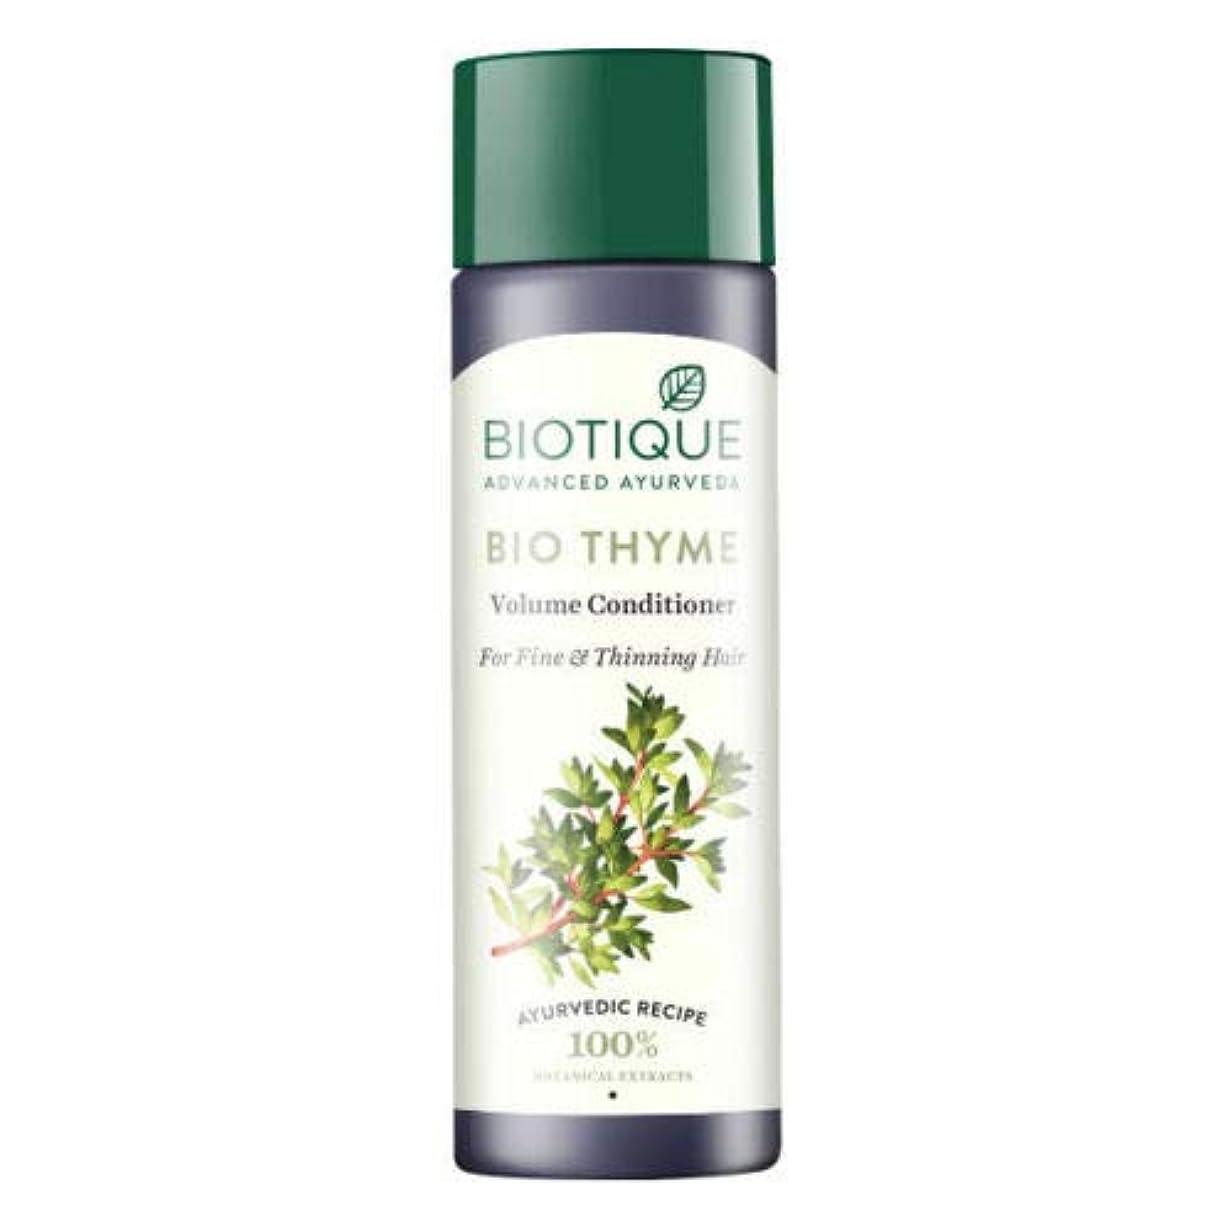 謎めいたまっすぐにする角度Biotique Bio Thyme Fresh Sparkle Volume Conditioner 200 ml For Thinning Hair 薄くなる毛のためのBiotiqueバイオタイムの新しい輝きの量のコンディショナー